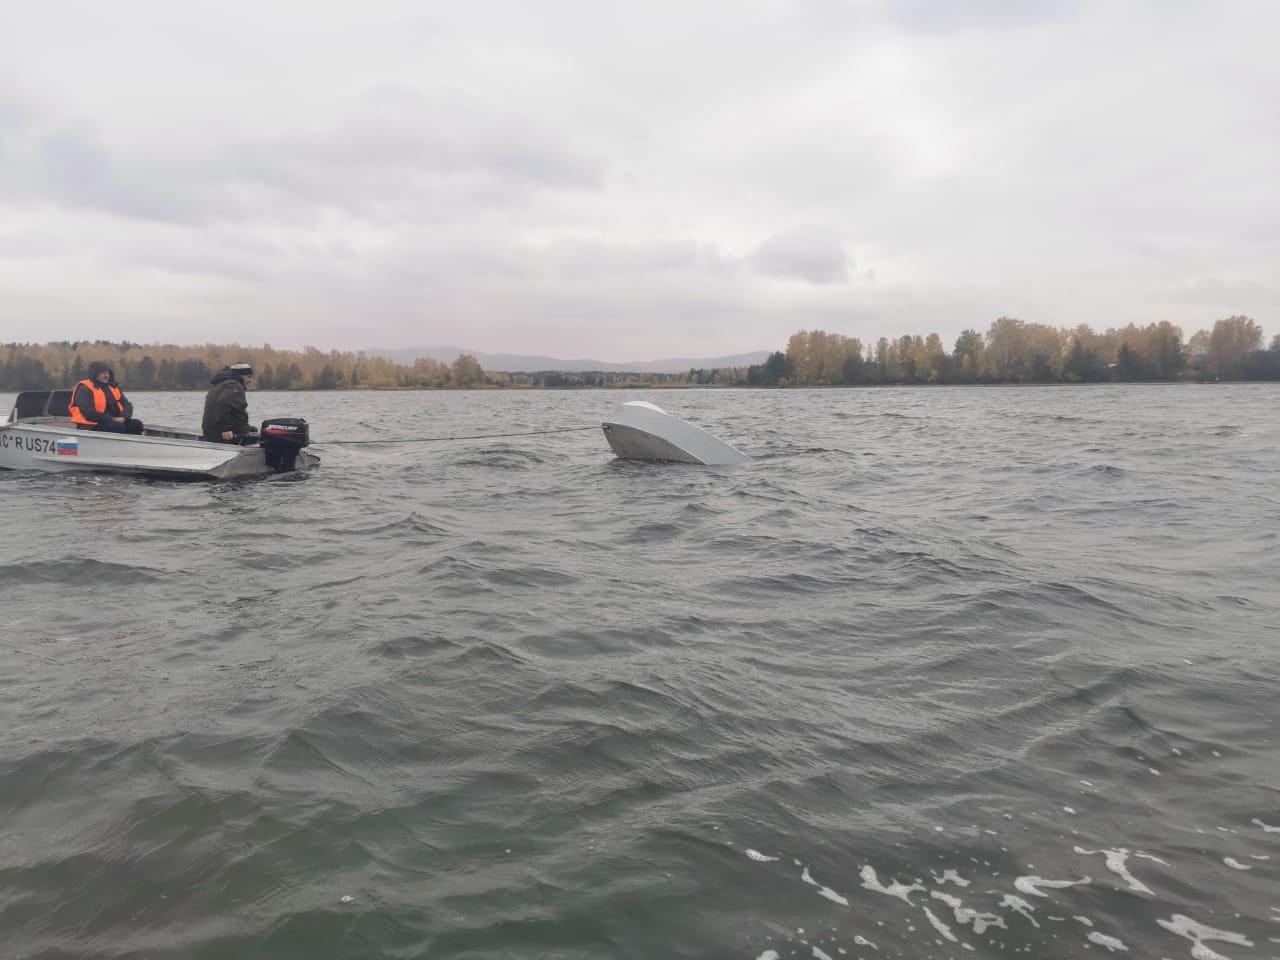 Лодка перевернулась: в Челябинской области продолжаются поиски 38-летнего рыбака